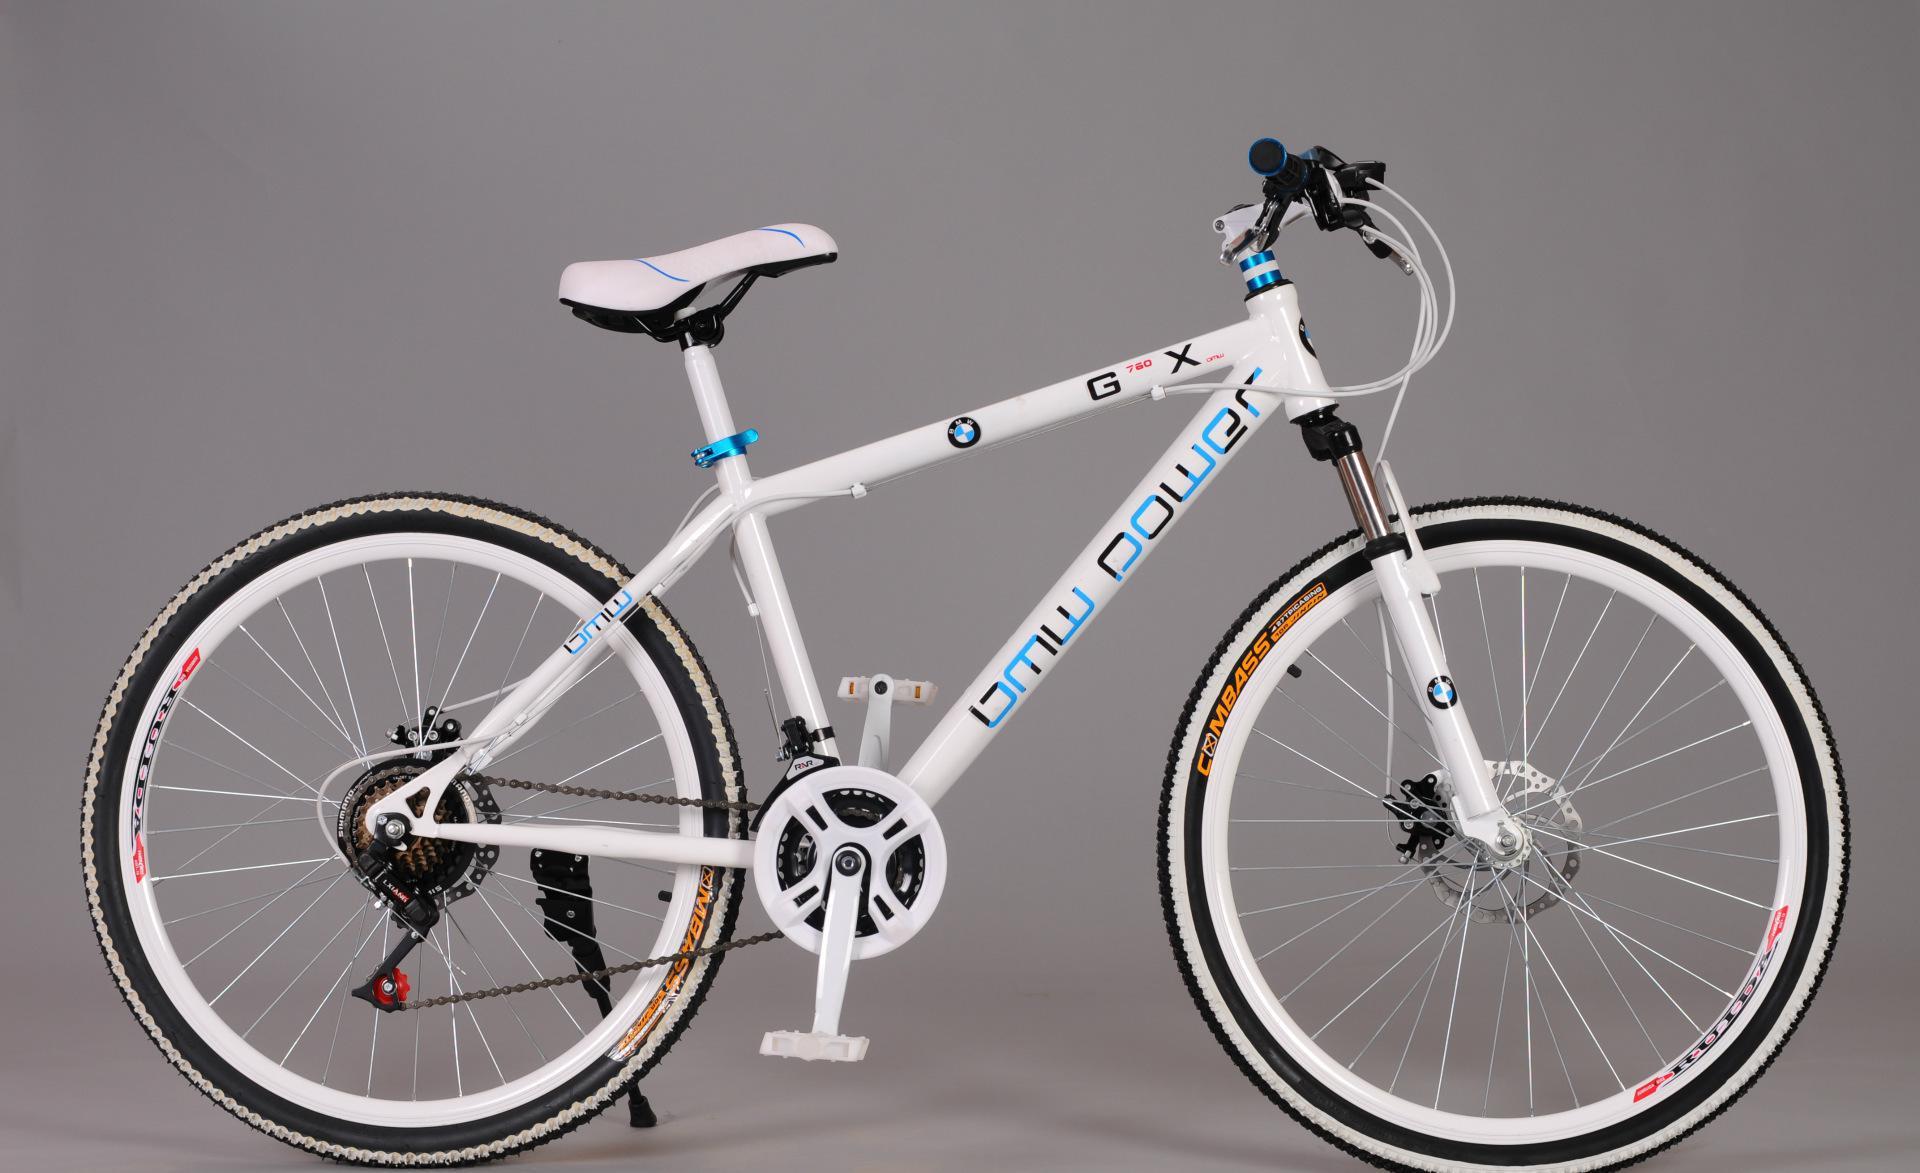 2017年买自行车一定要远离山寨 选一辆可靠的单车